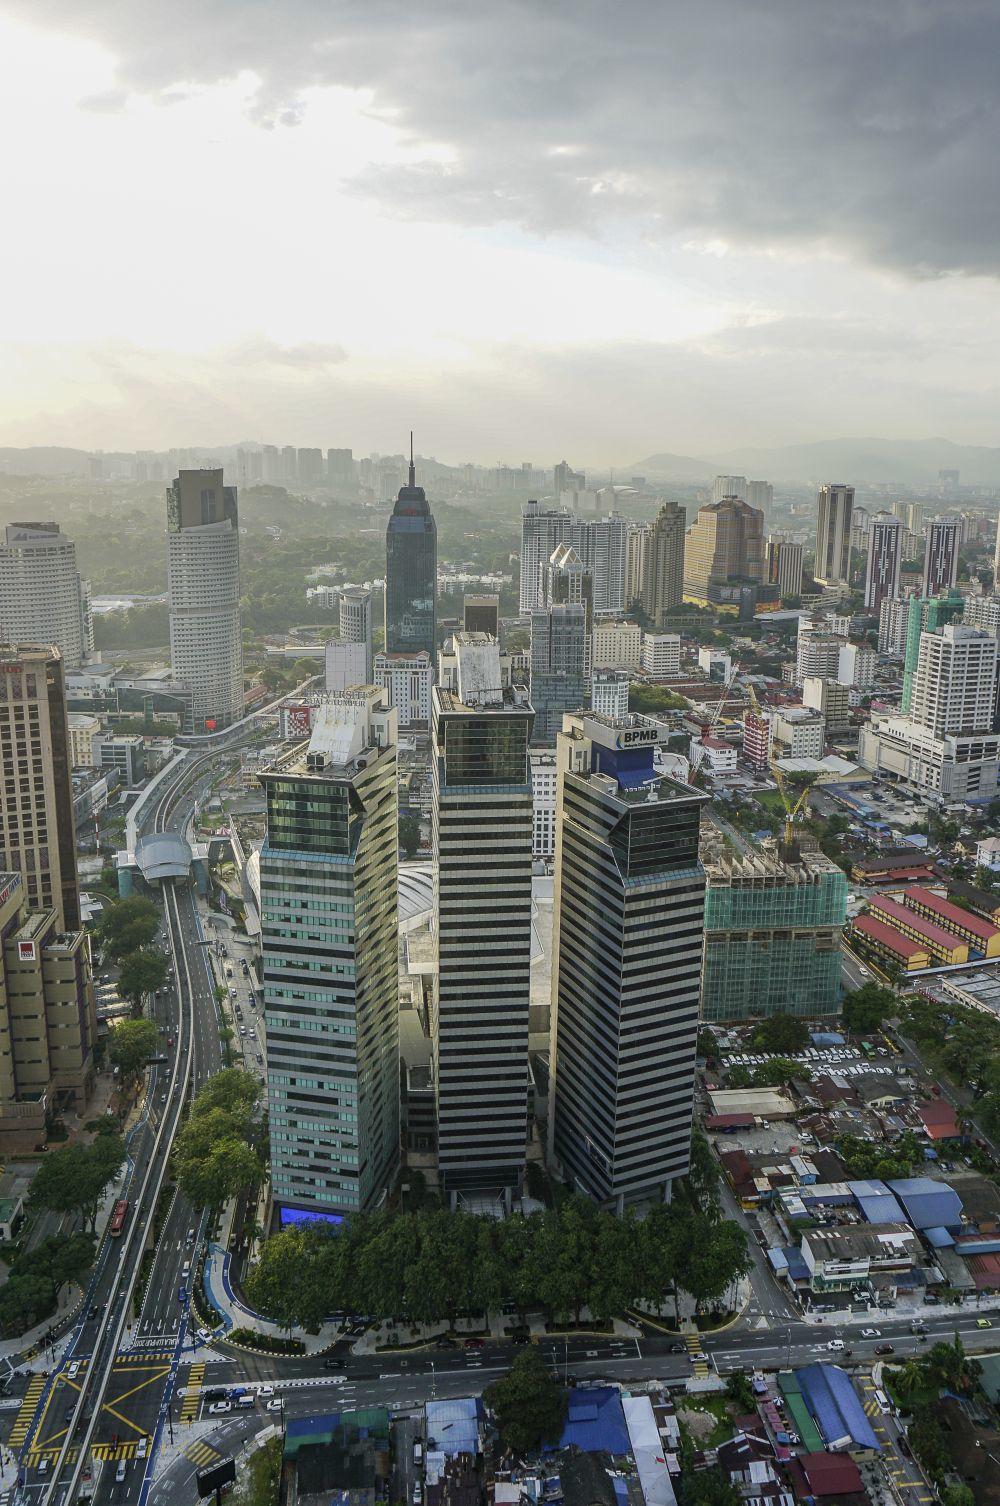 Entre los edificios de Kuala Lumpur, reservas forestales como la de...